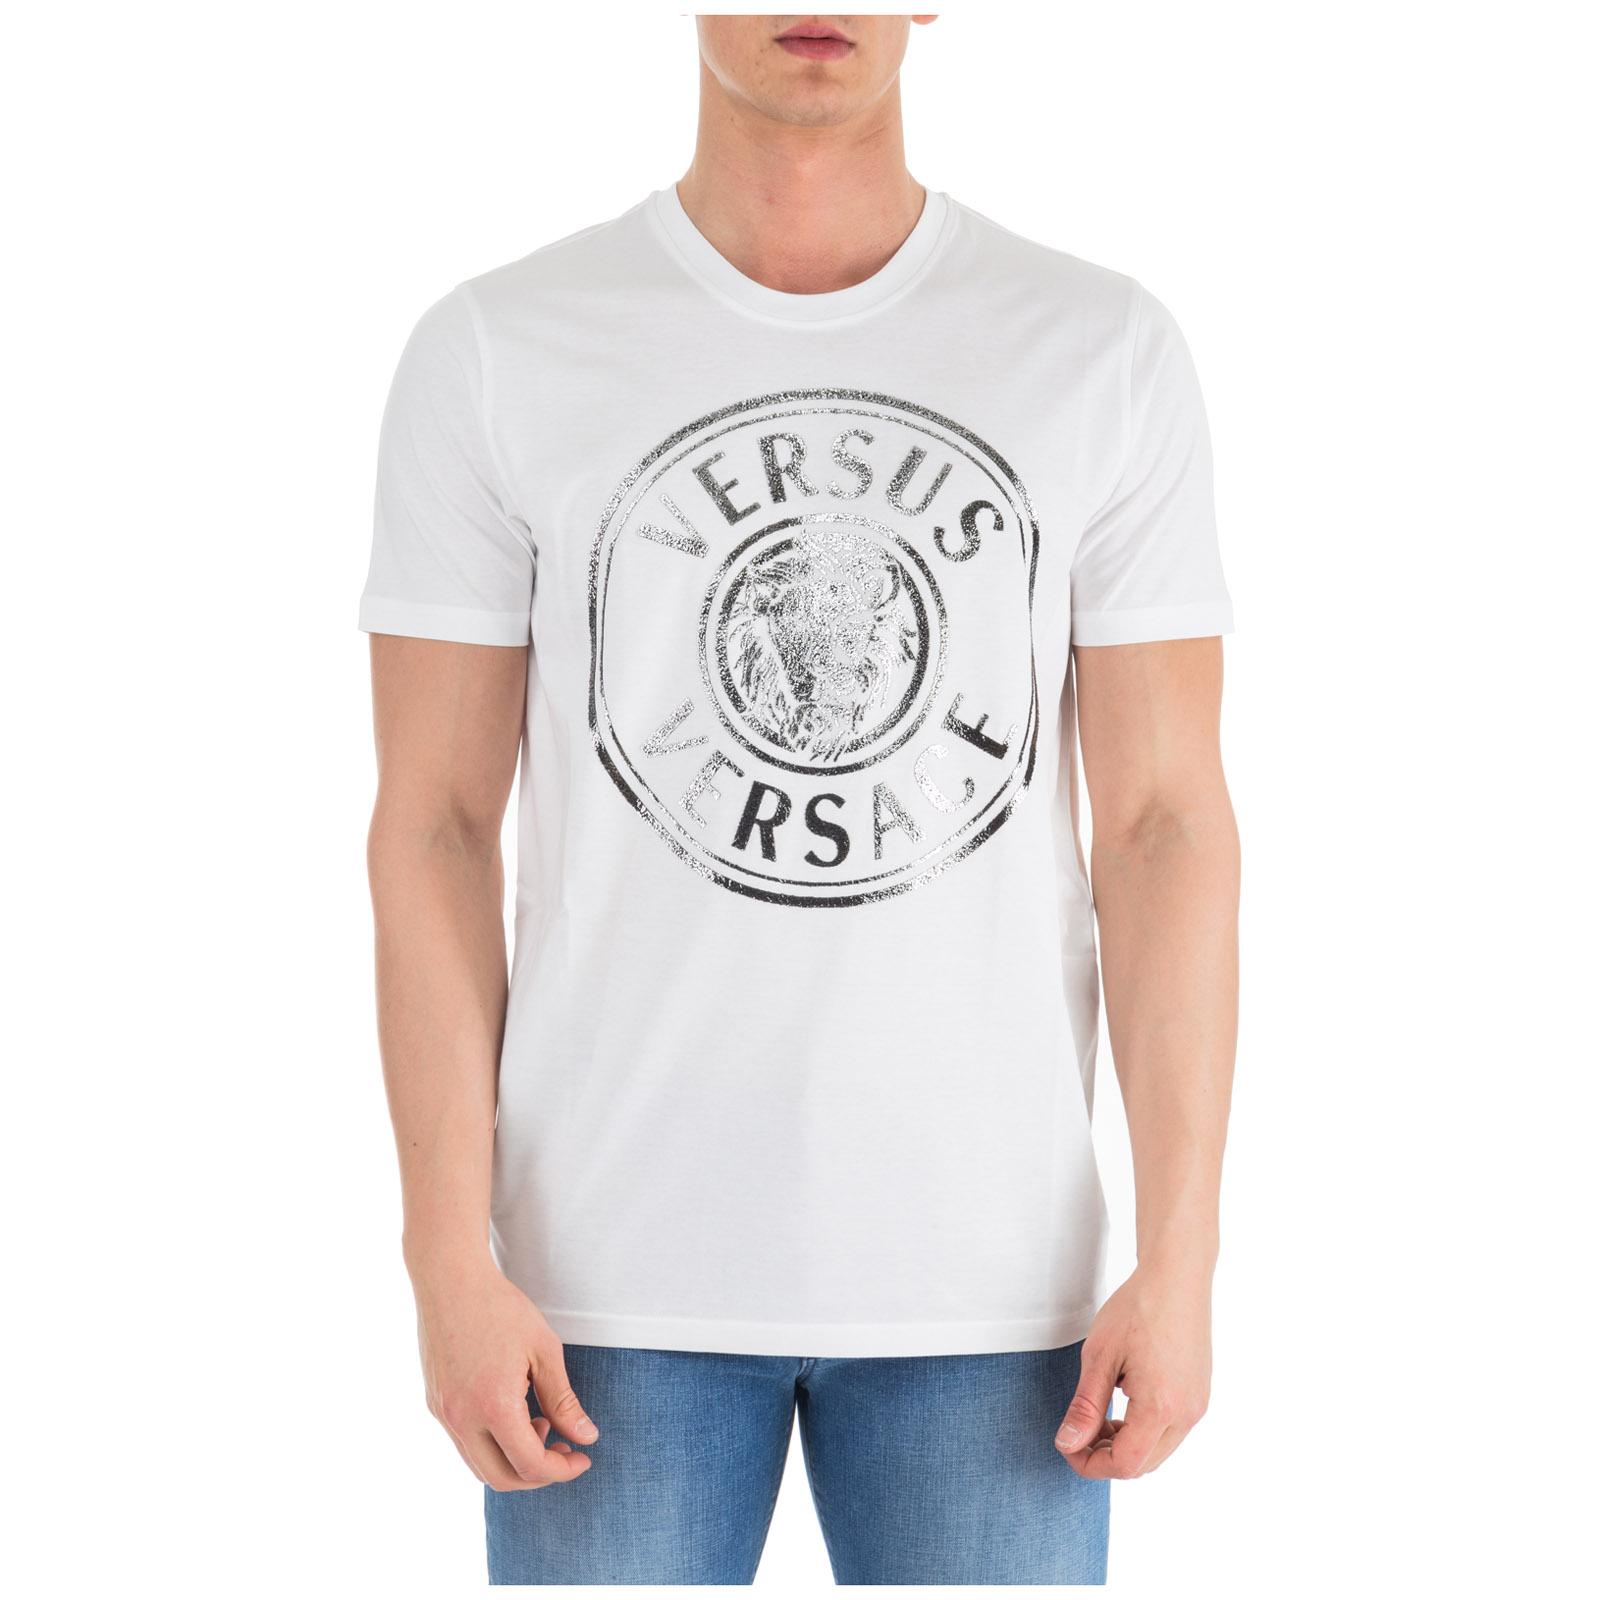 prezzo competitivo fd2b4 a2d0b T-shirt maglia maniche corte girocollo uomo regular lion head